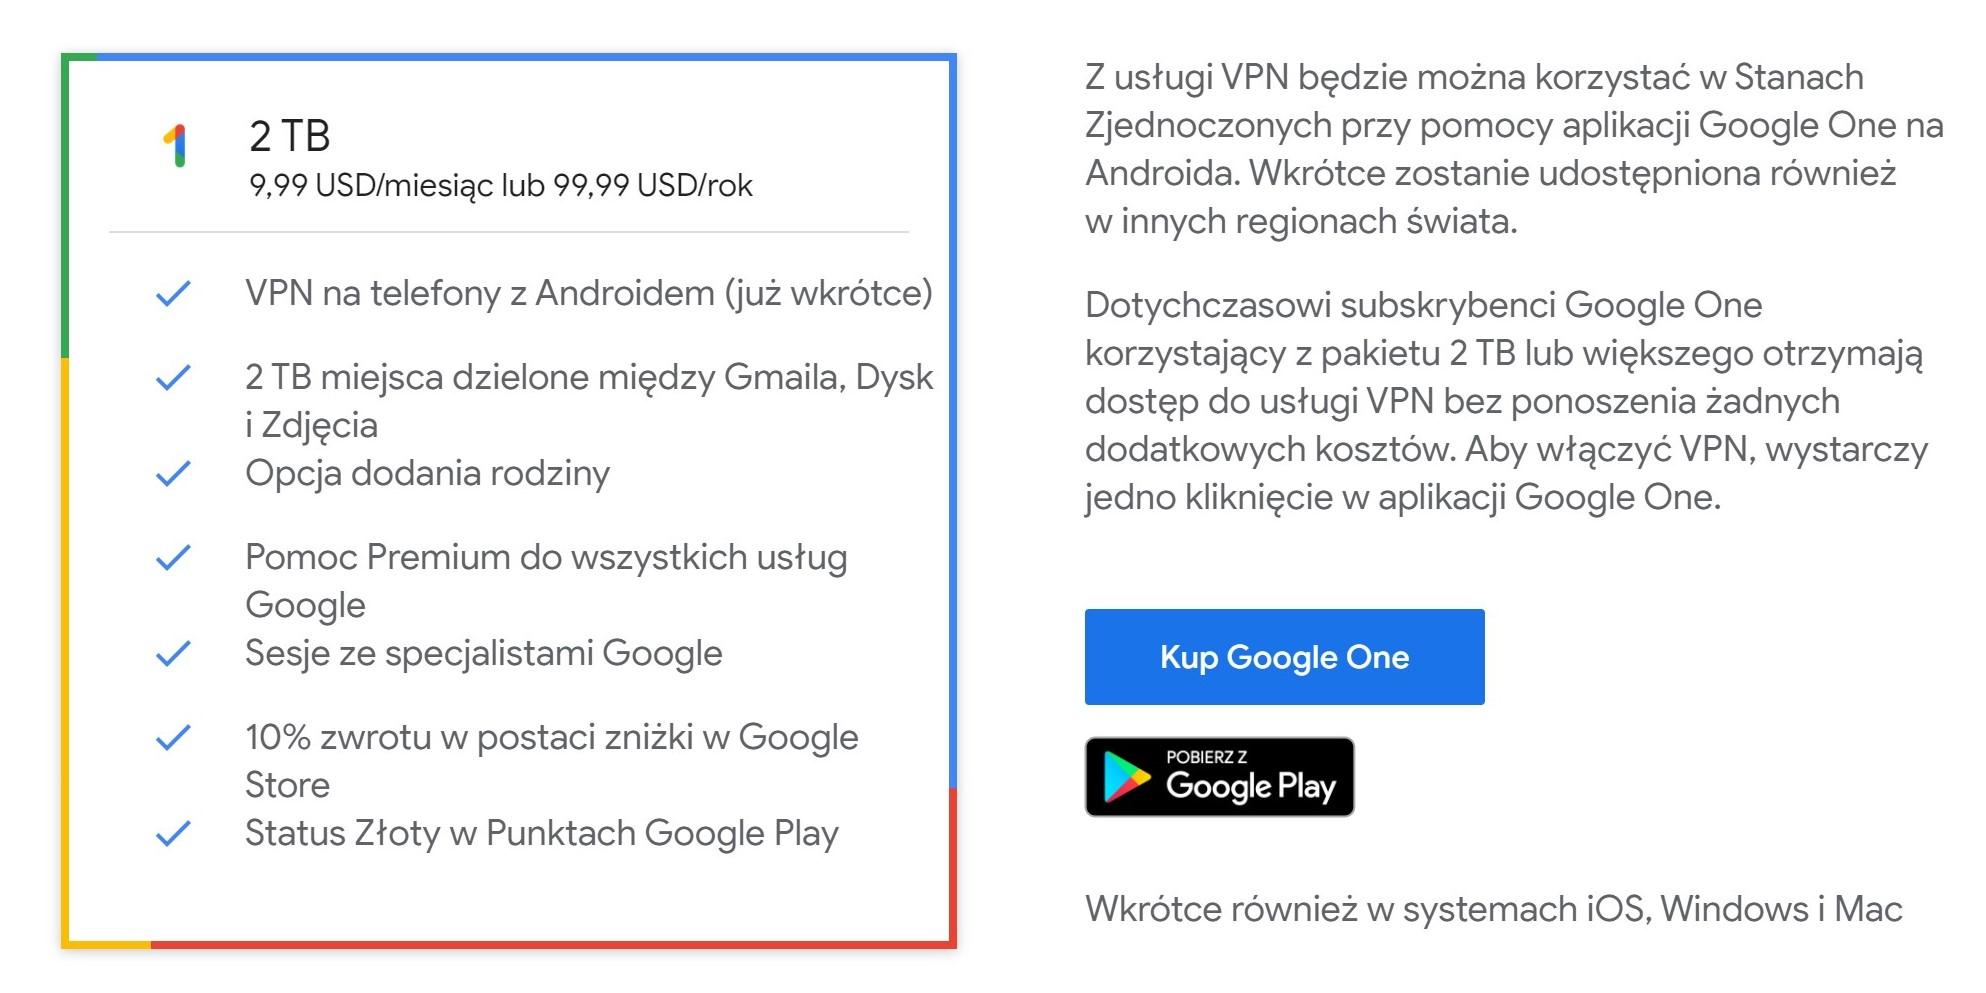 Google One  w najwyższym pakiecie zaoferuje obsługę VPN na Androida